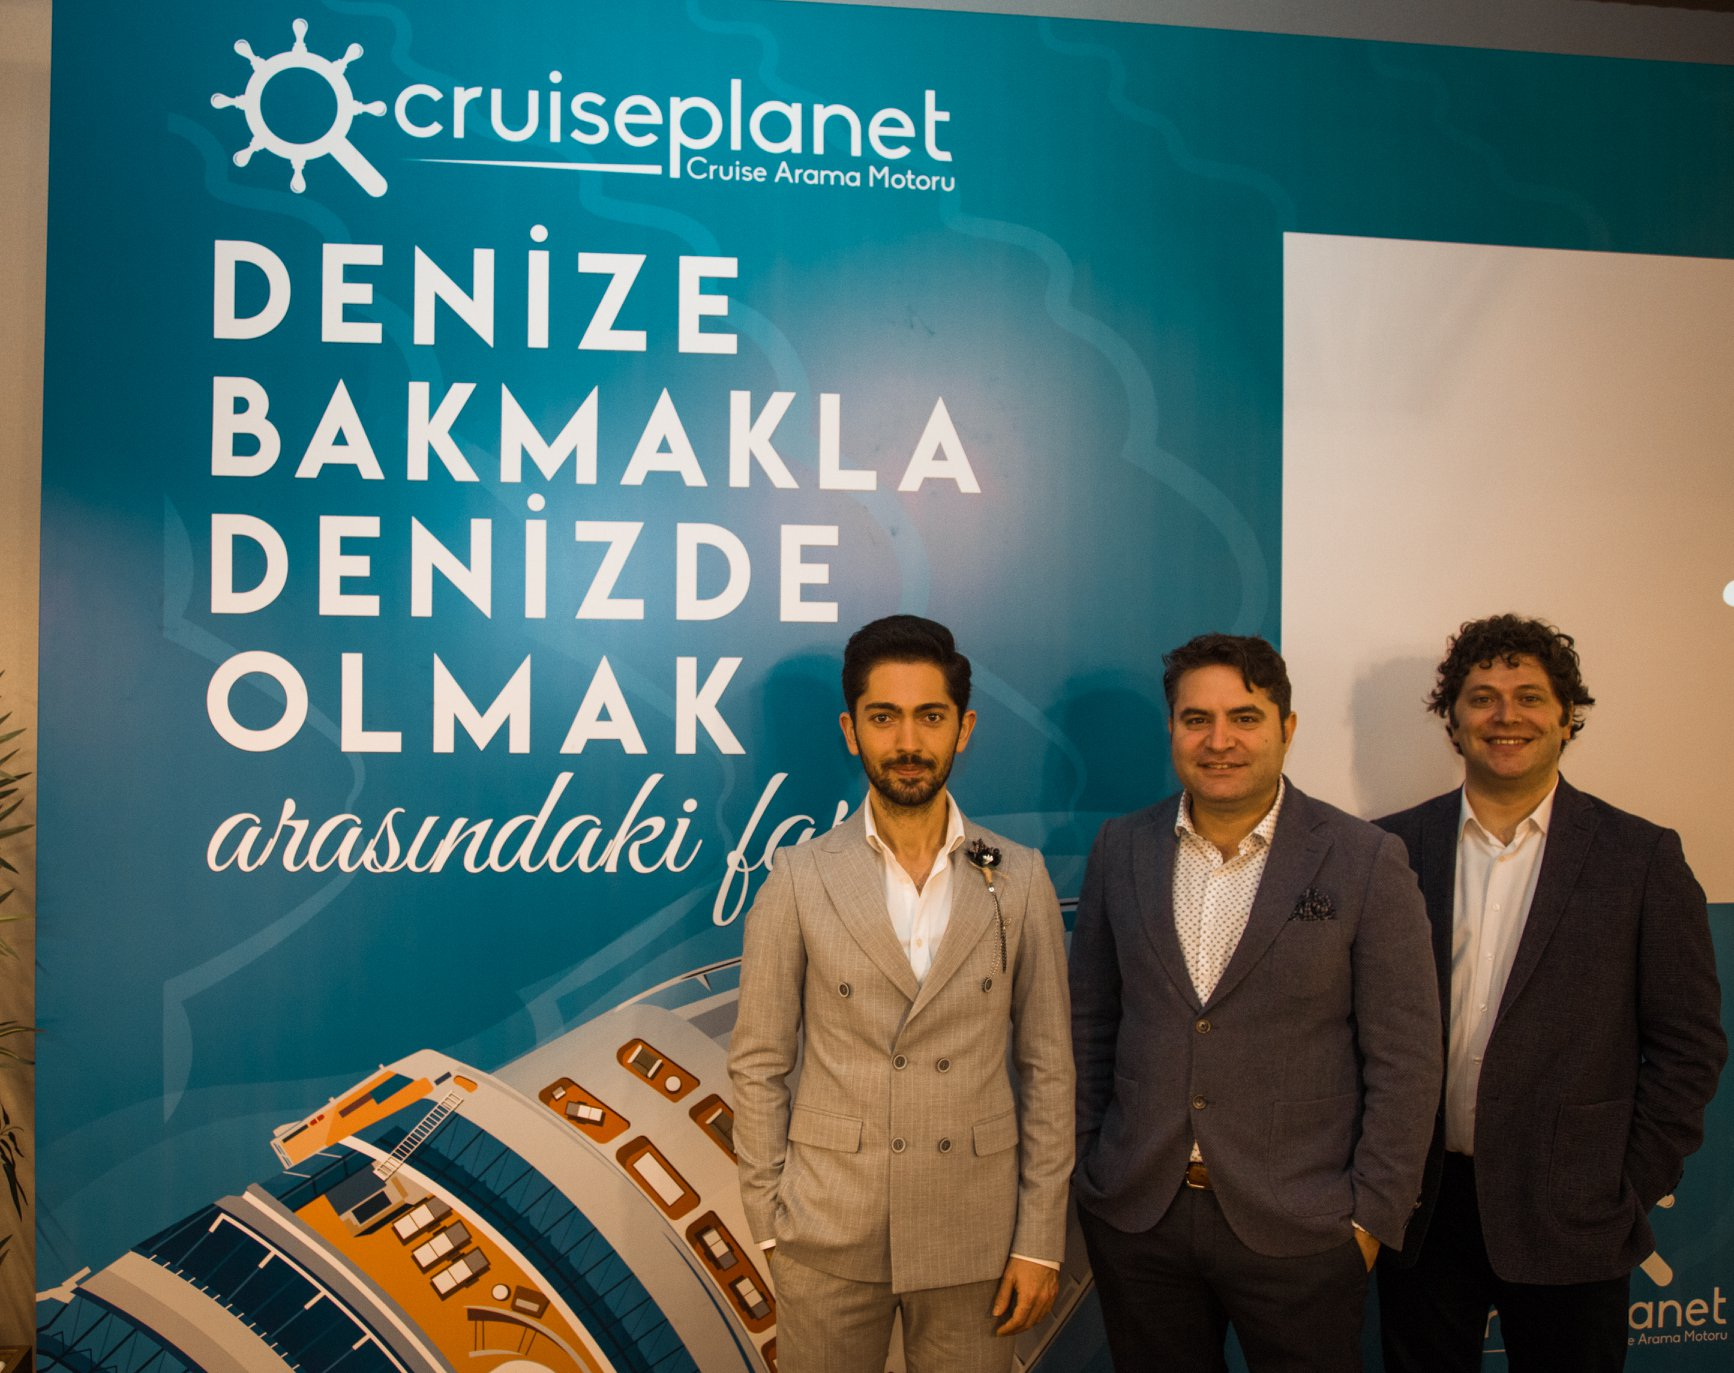 Cruise Planetのプレスリリースが行われました